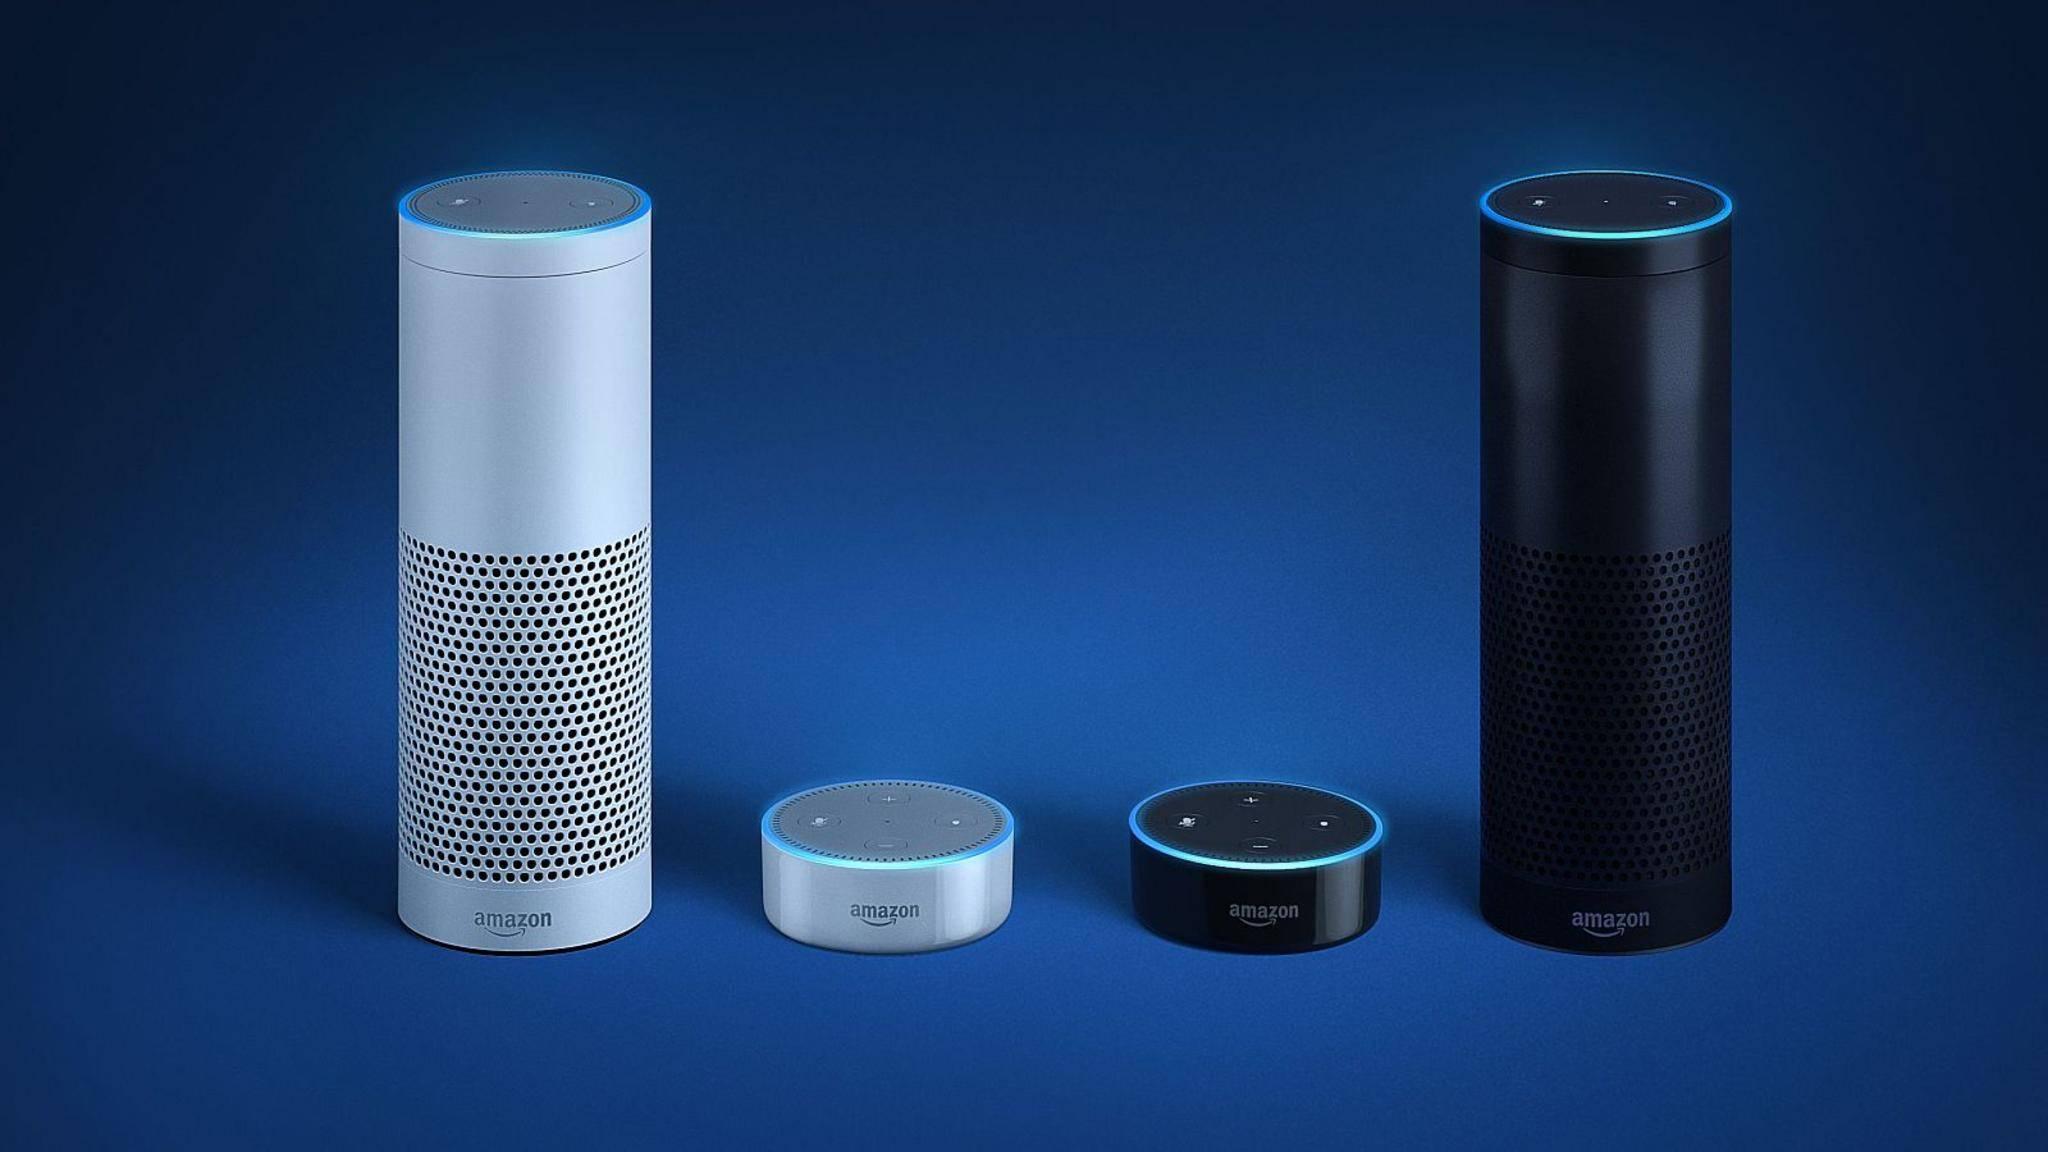 Amazon Echo soll offenbar mit Alexa-Skills zum Thema Gesundheit ausgestattet werden.